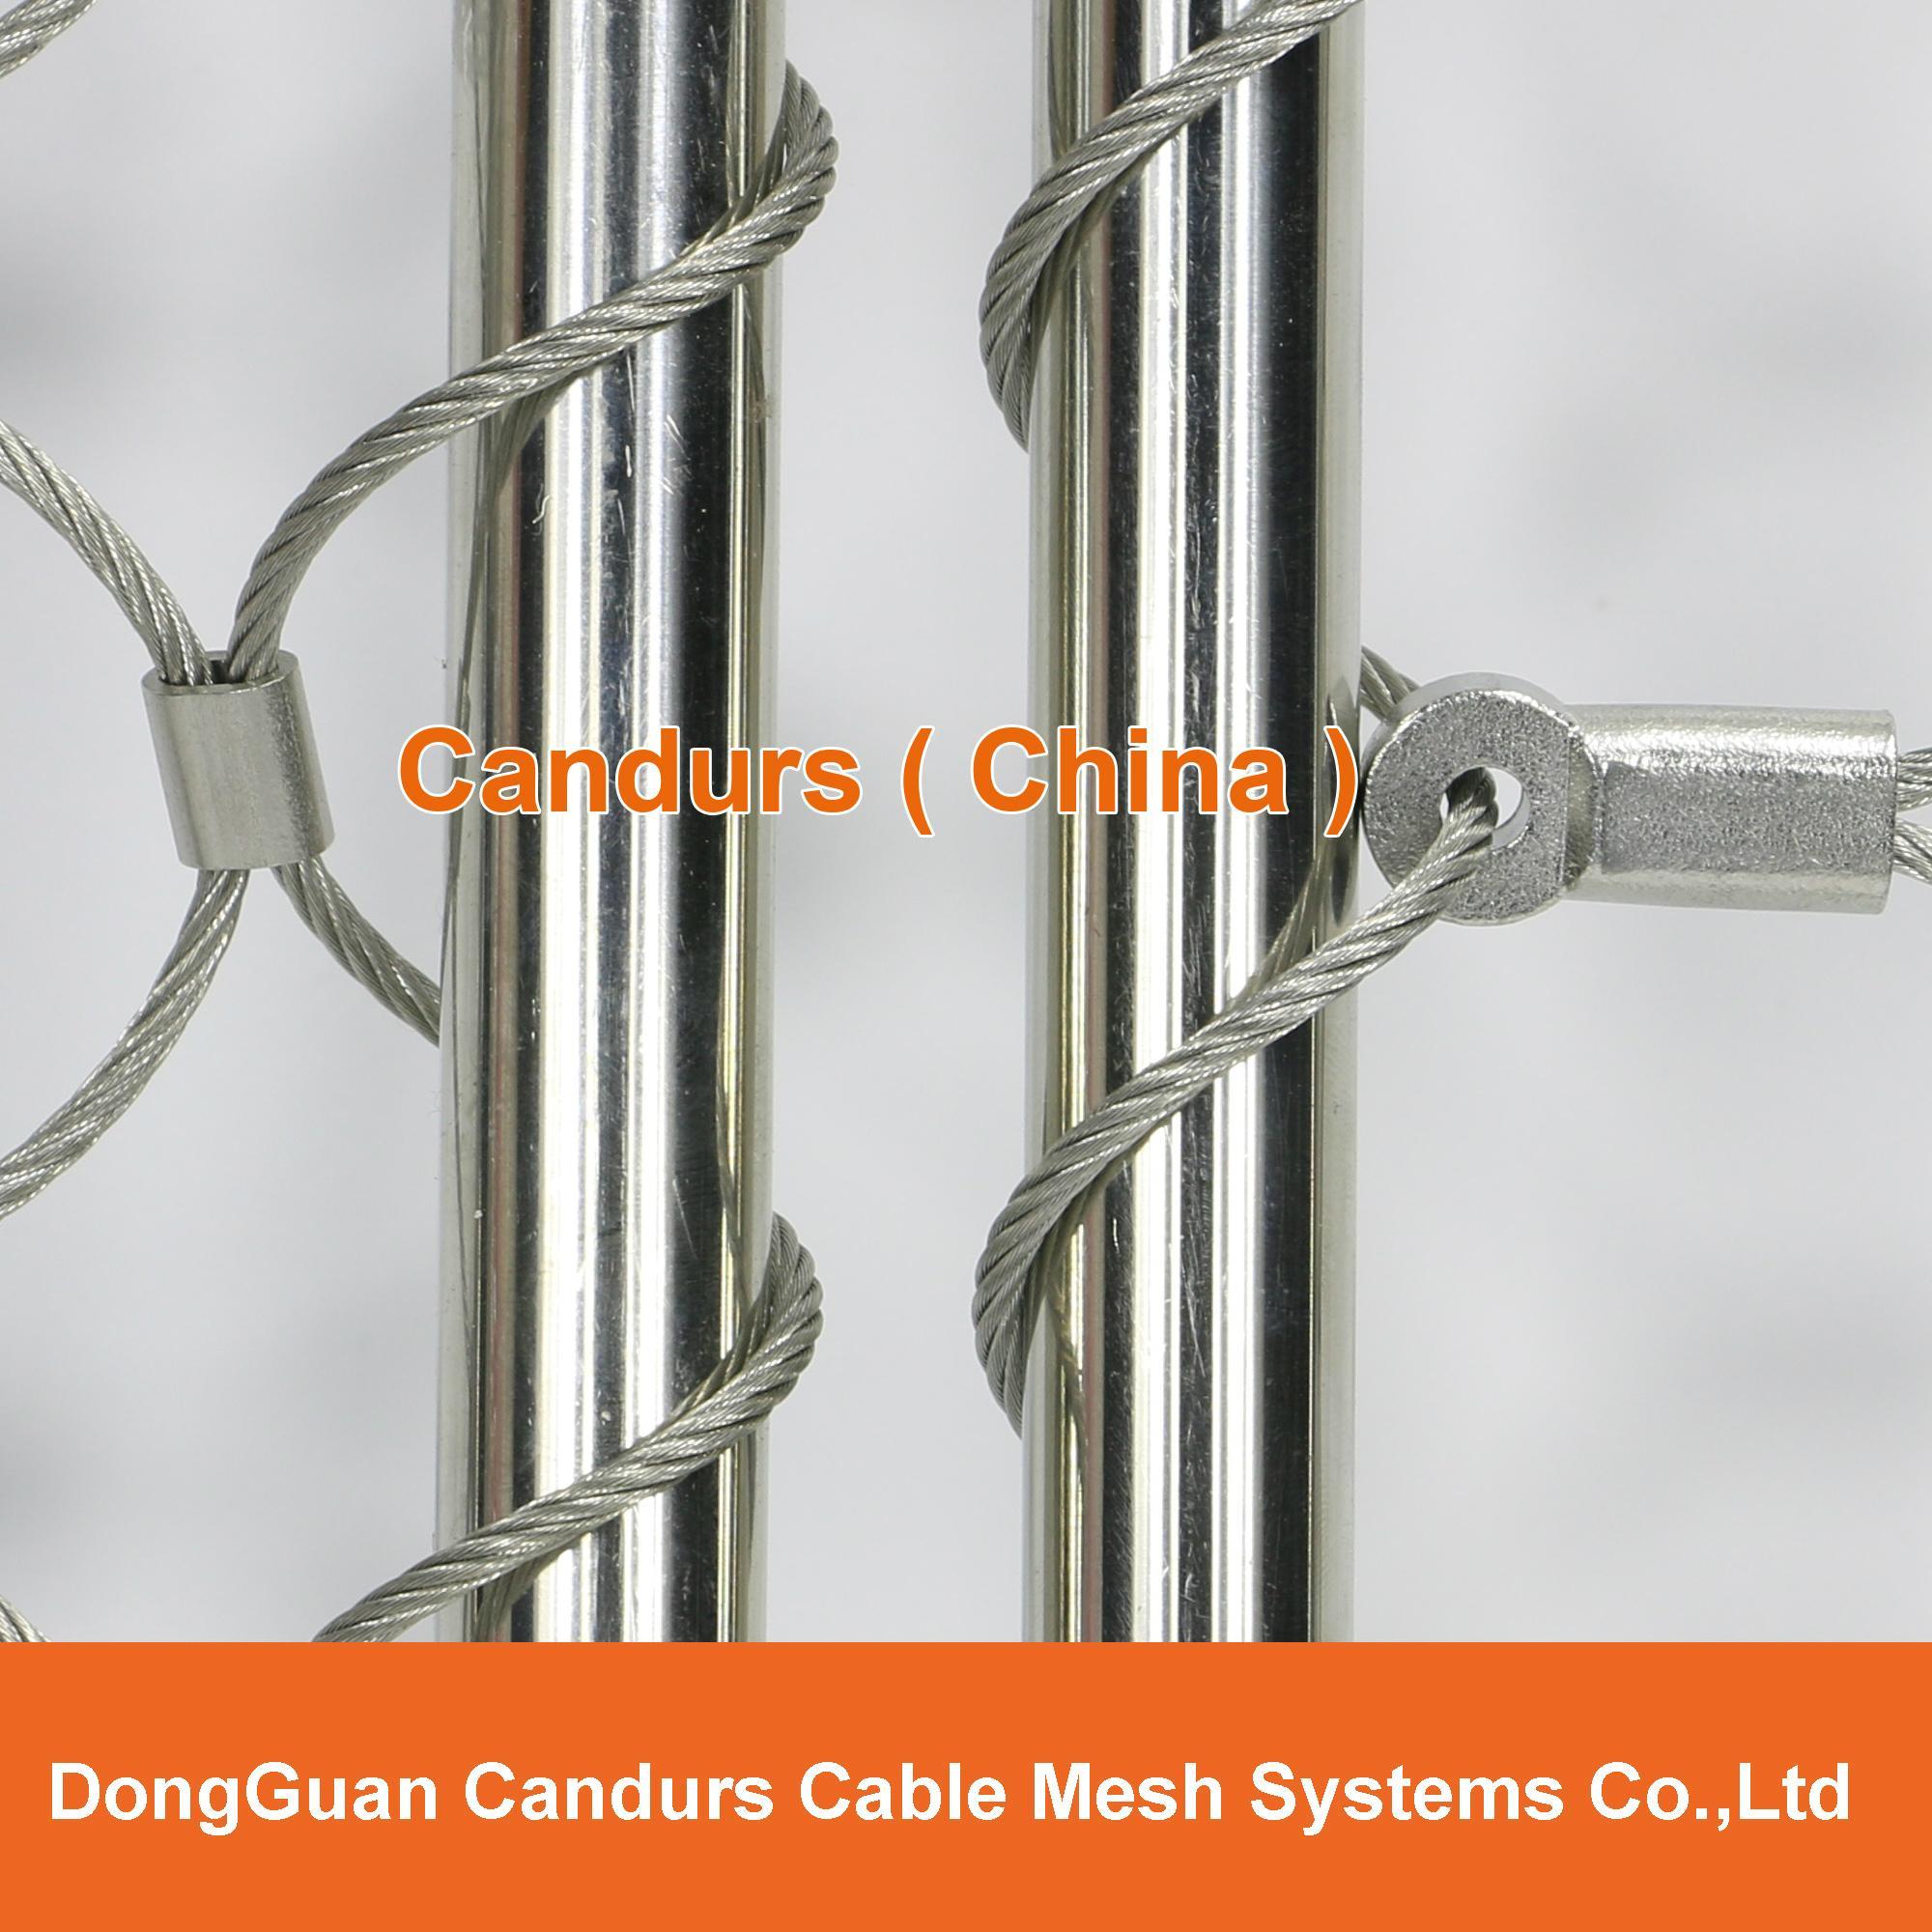 屋頂安全防護不鏽鋼繩網 5